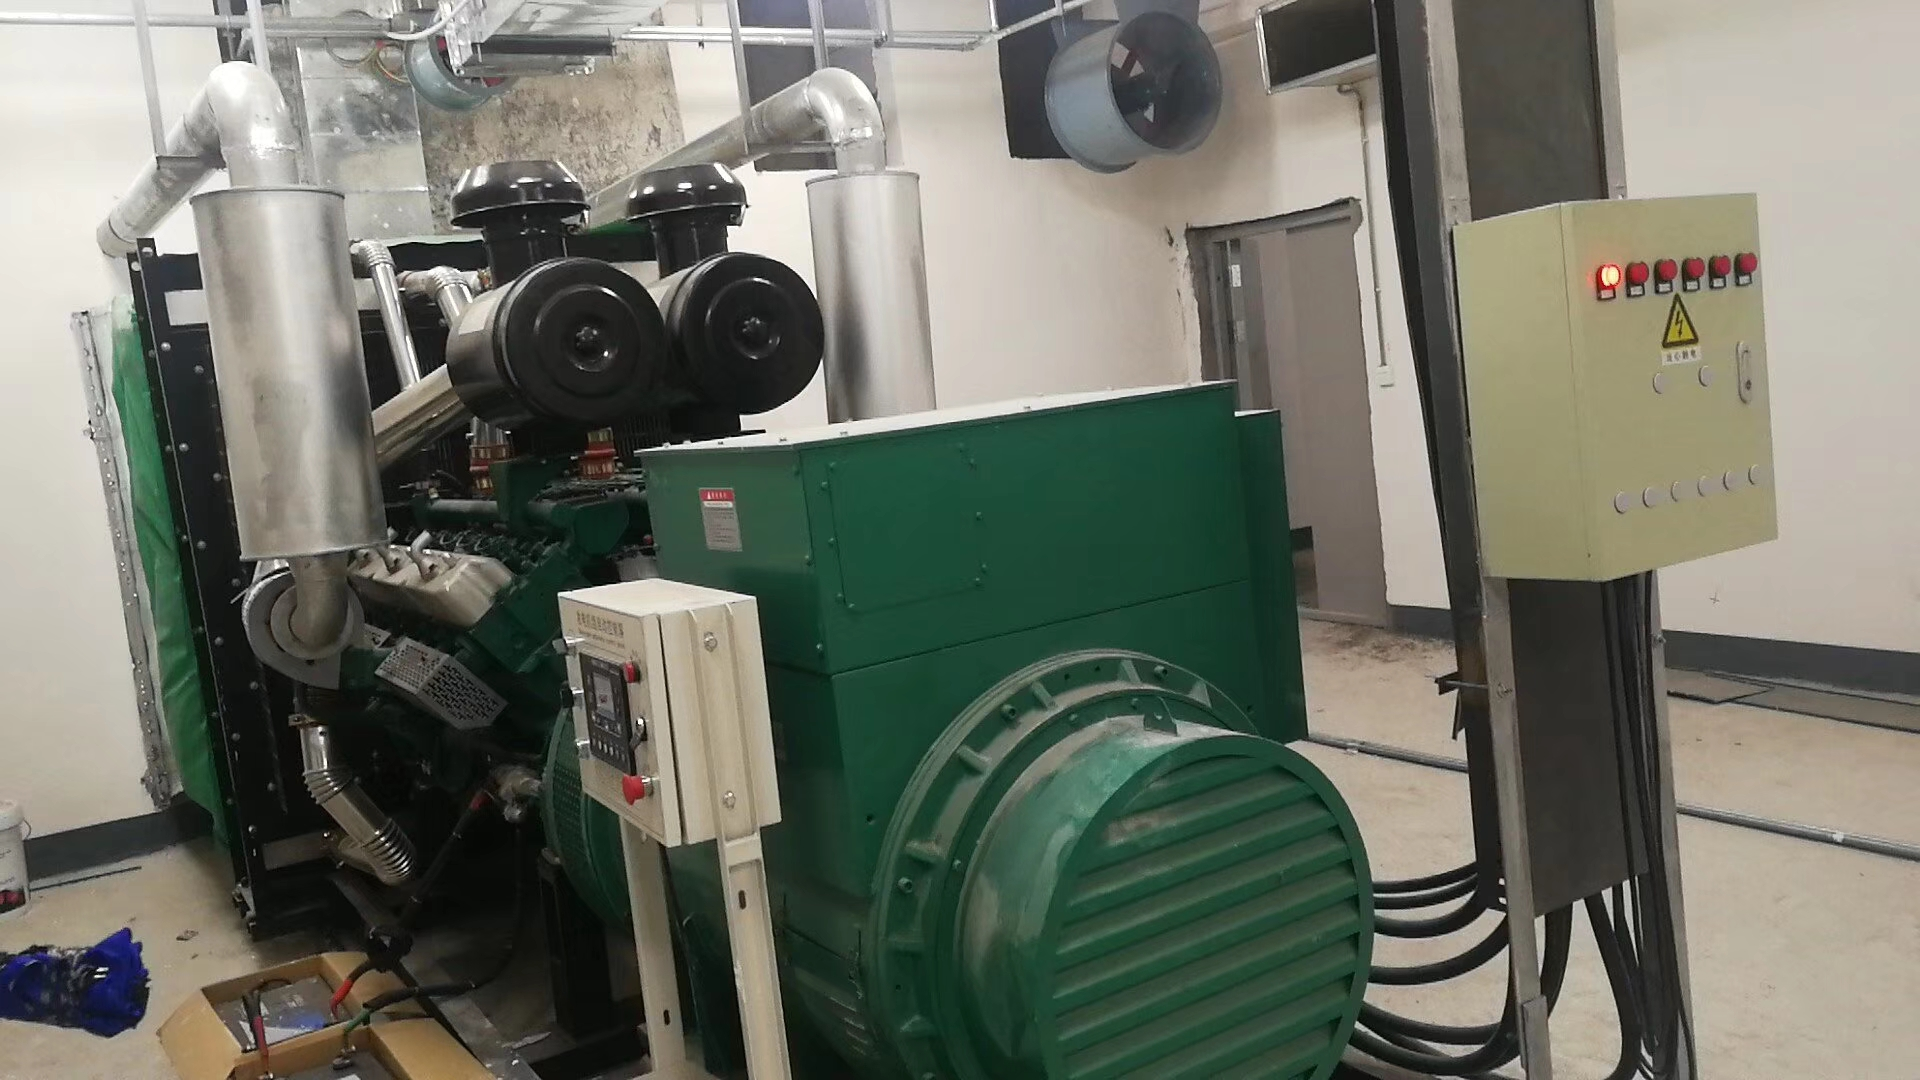 福湘牌600KW上海凯普配道依茨发电机机房安装施工完毕,交付用户。